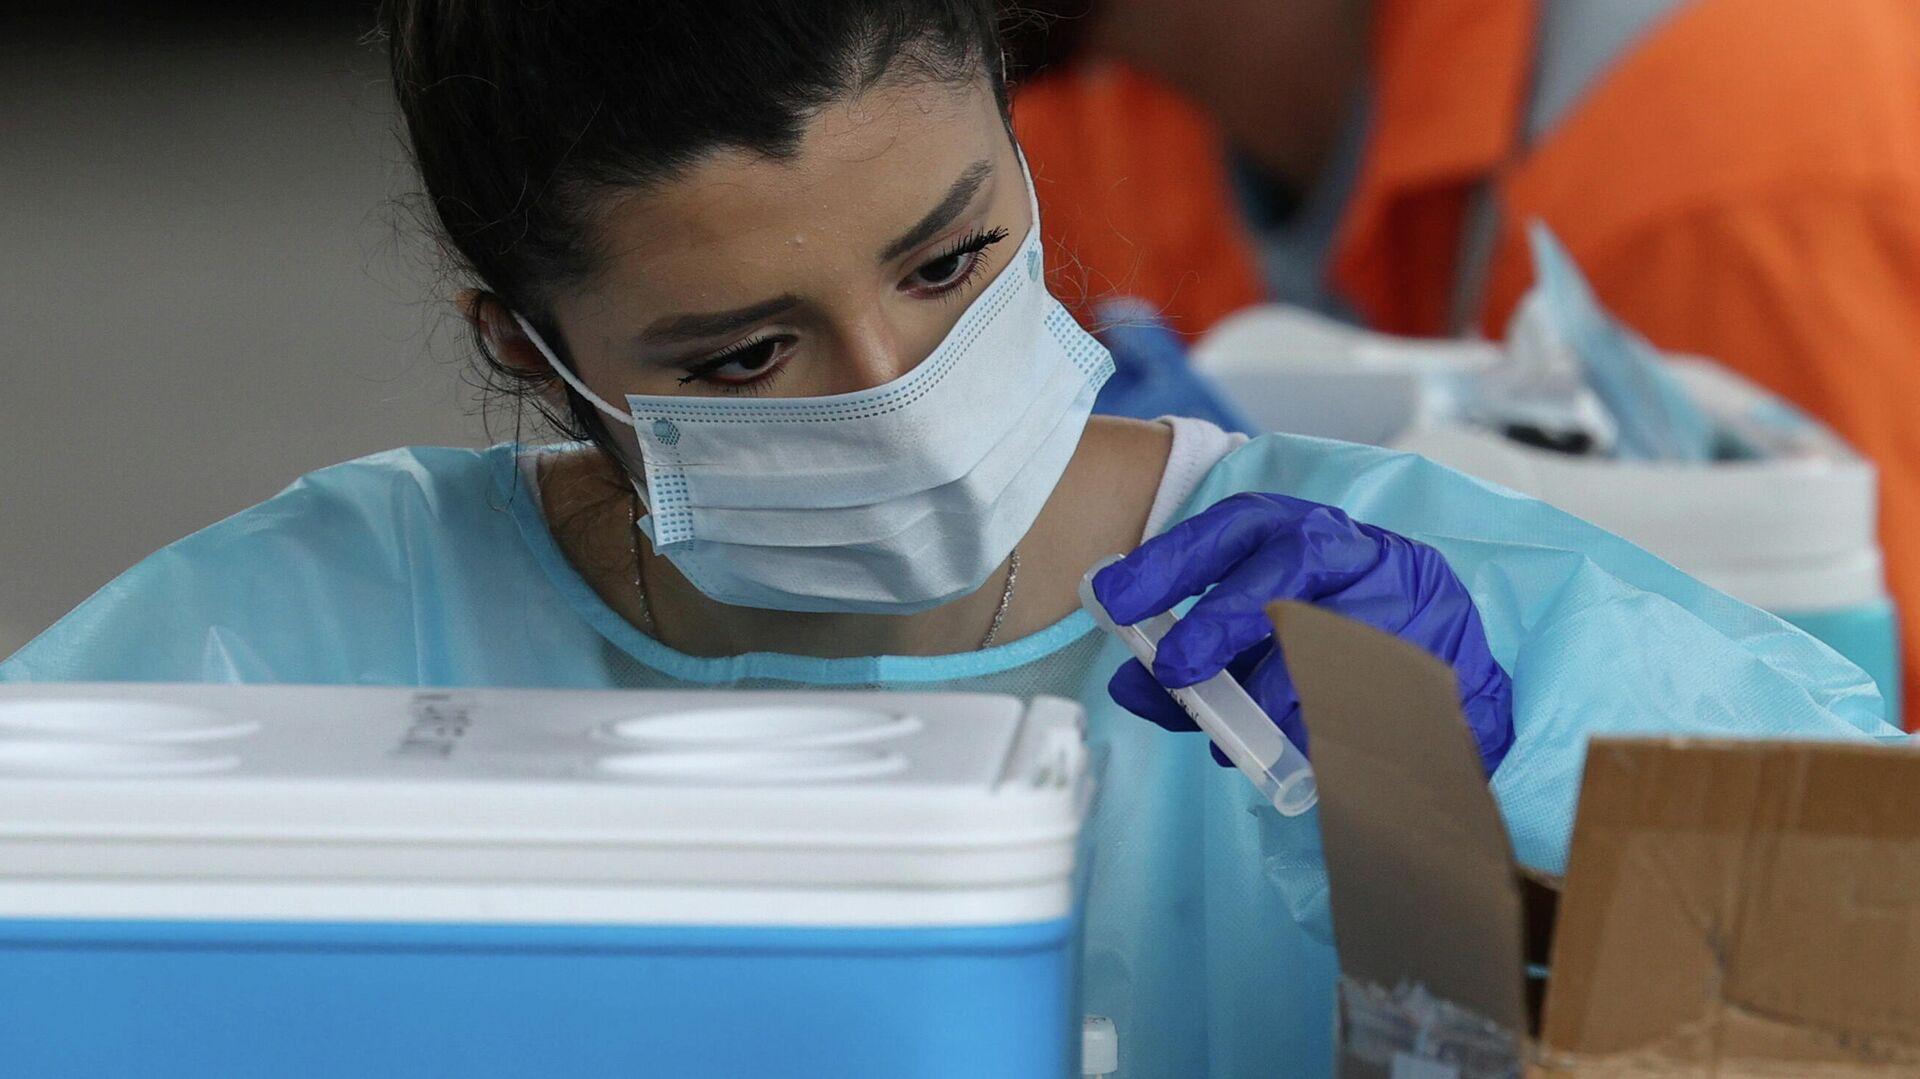 Медицинский работник с тестами на коронавирус (COVID-19) в Сиднее, Австралия - РИА Новости, 1920, 06.01.2021